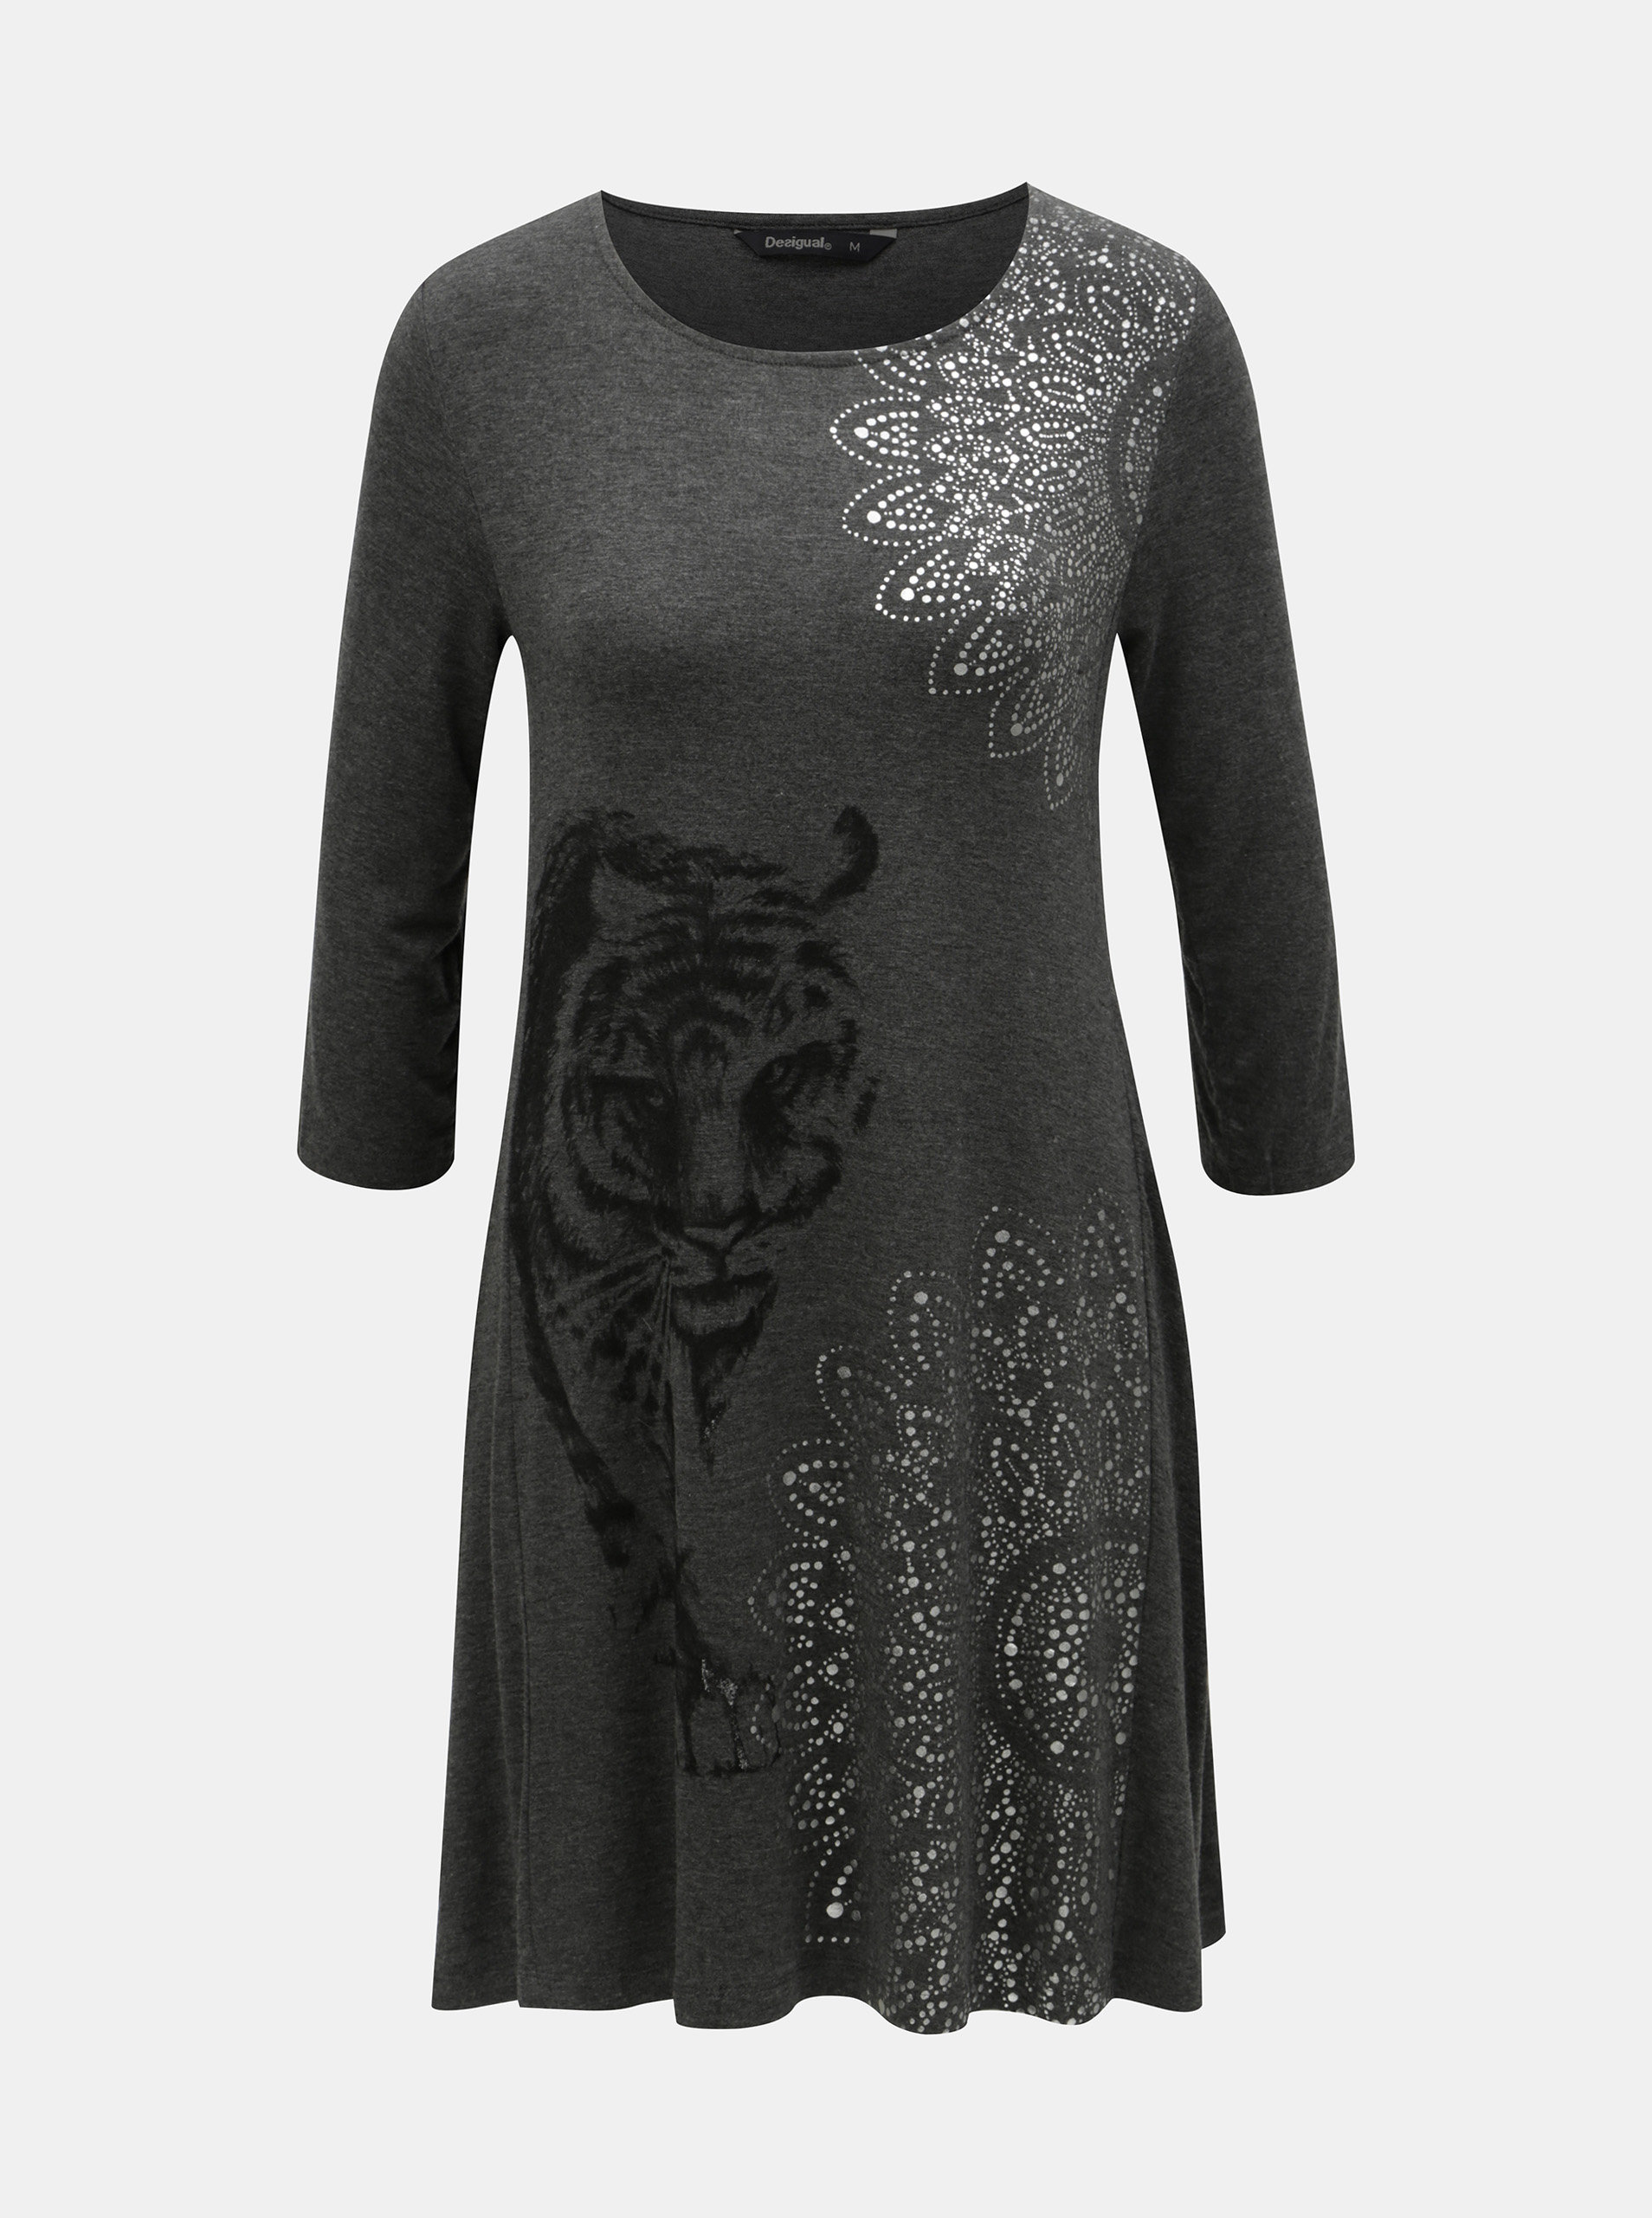 093bf0ab67be Šedé šaty s potiskem a 3 4 rukávem Desigual Pikory ...